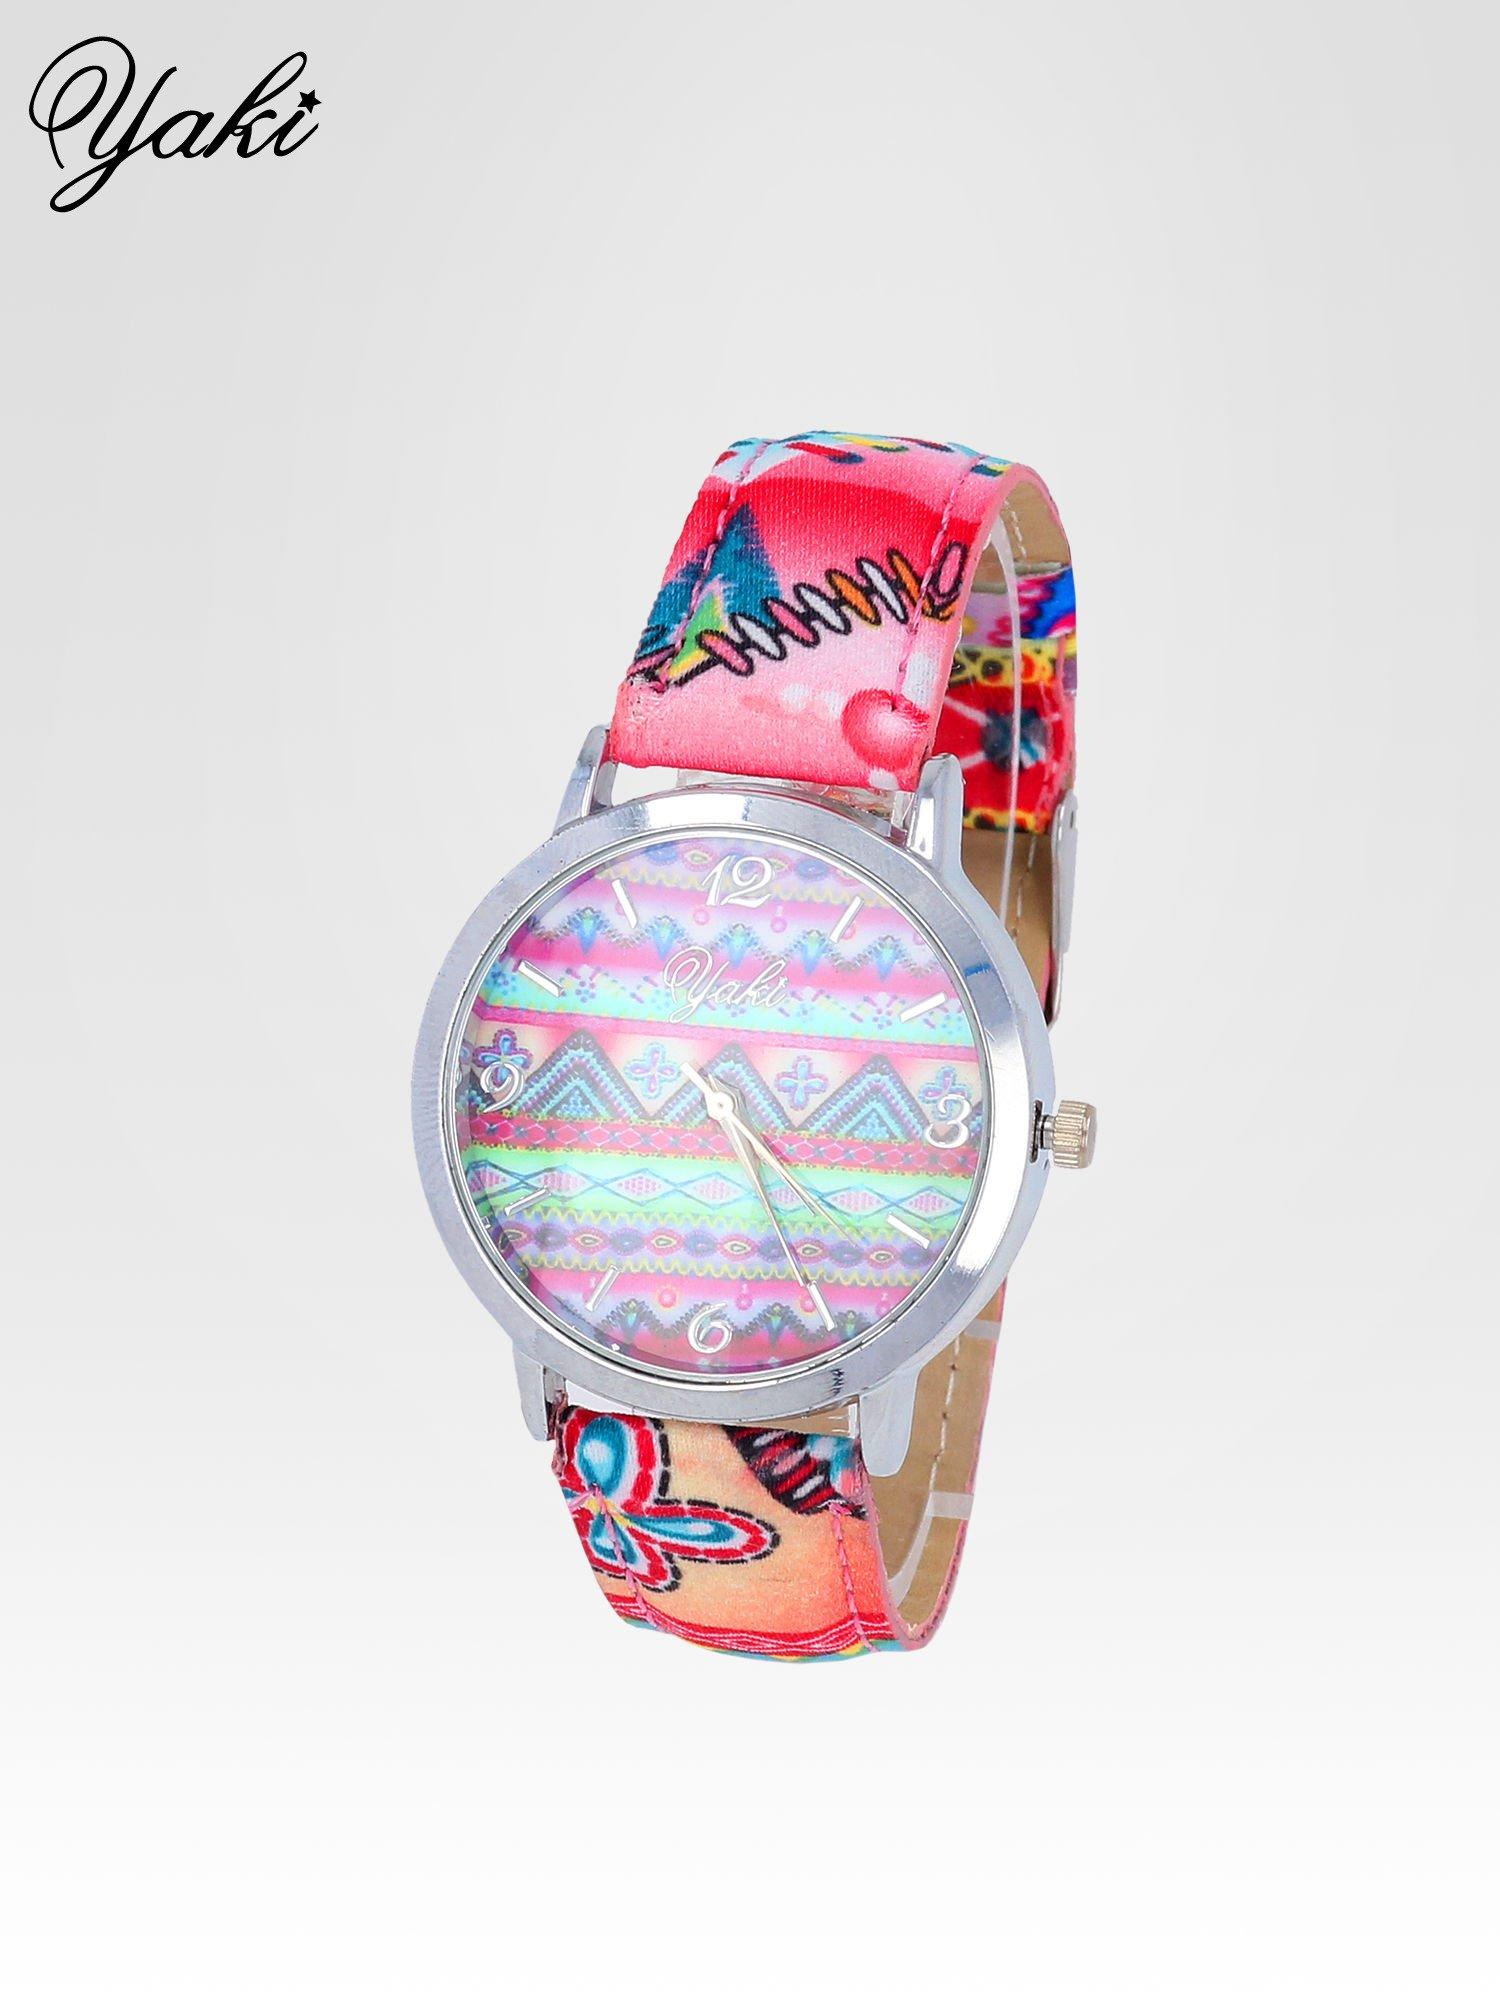 Różowy zegarek damski z motywem azteckim                                  zdj.                                  2